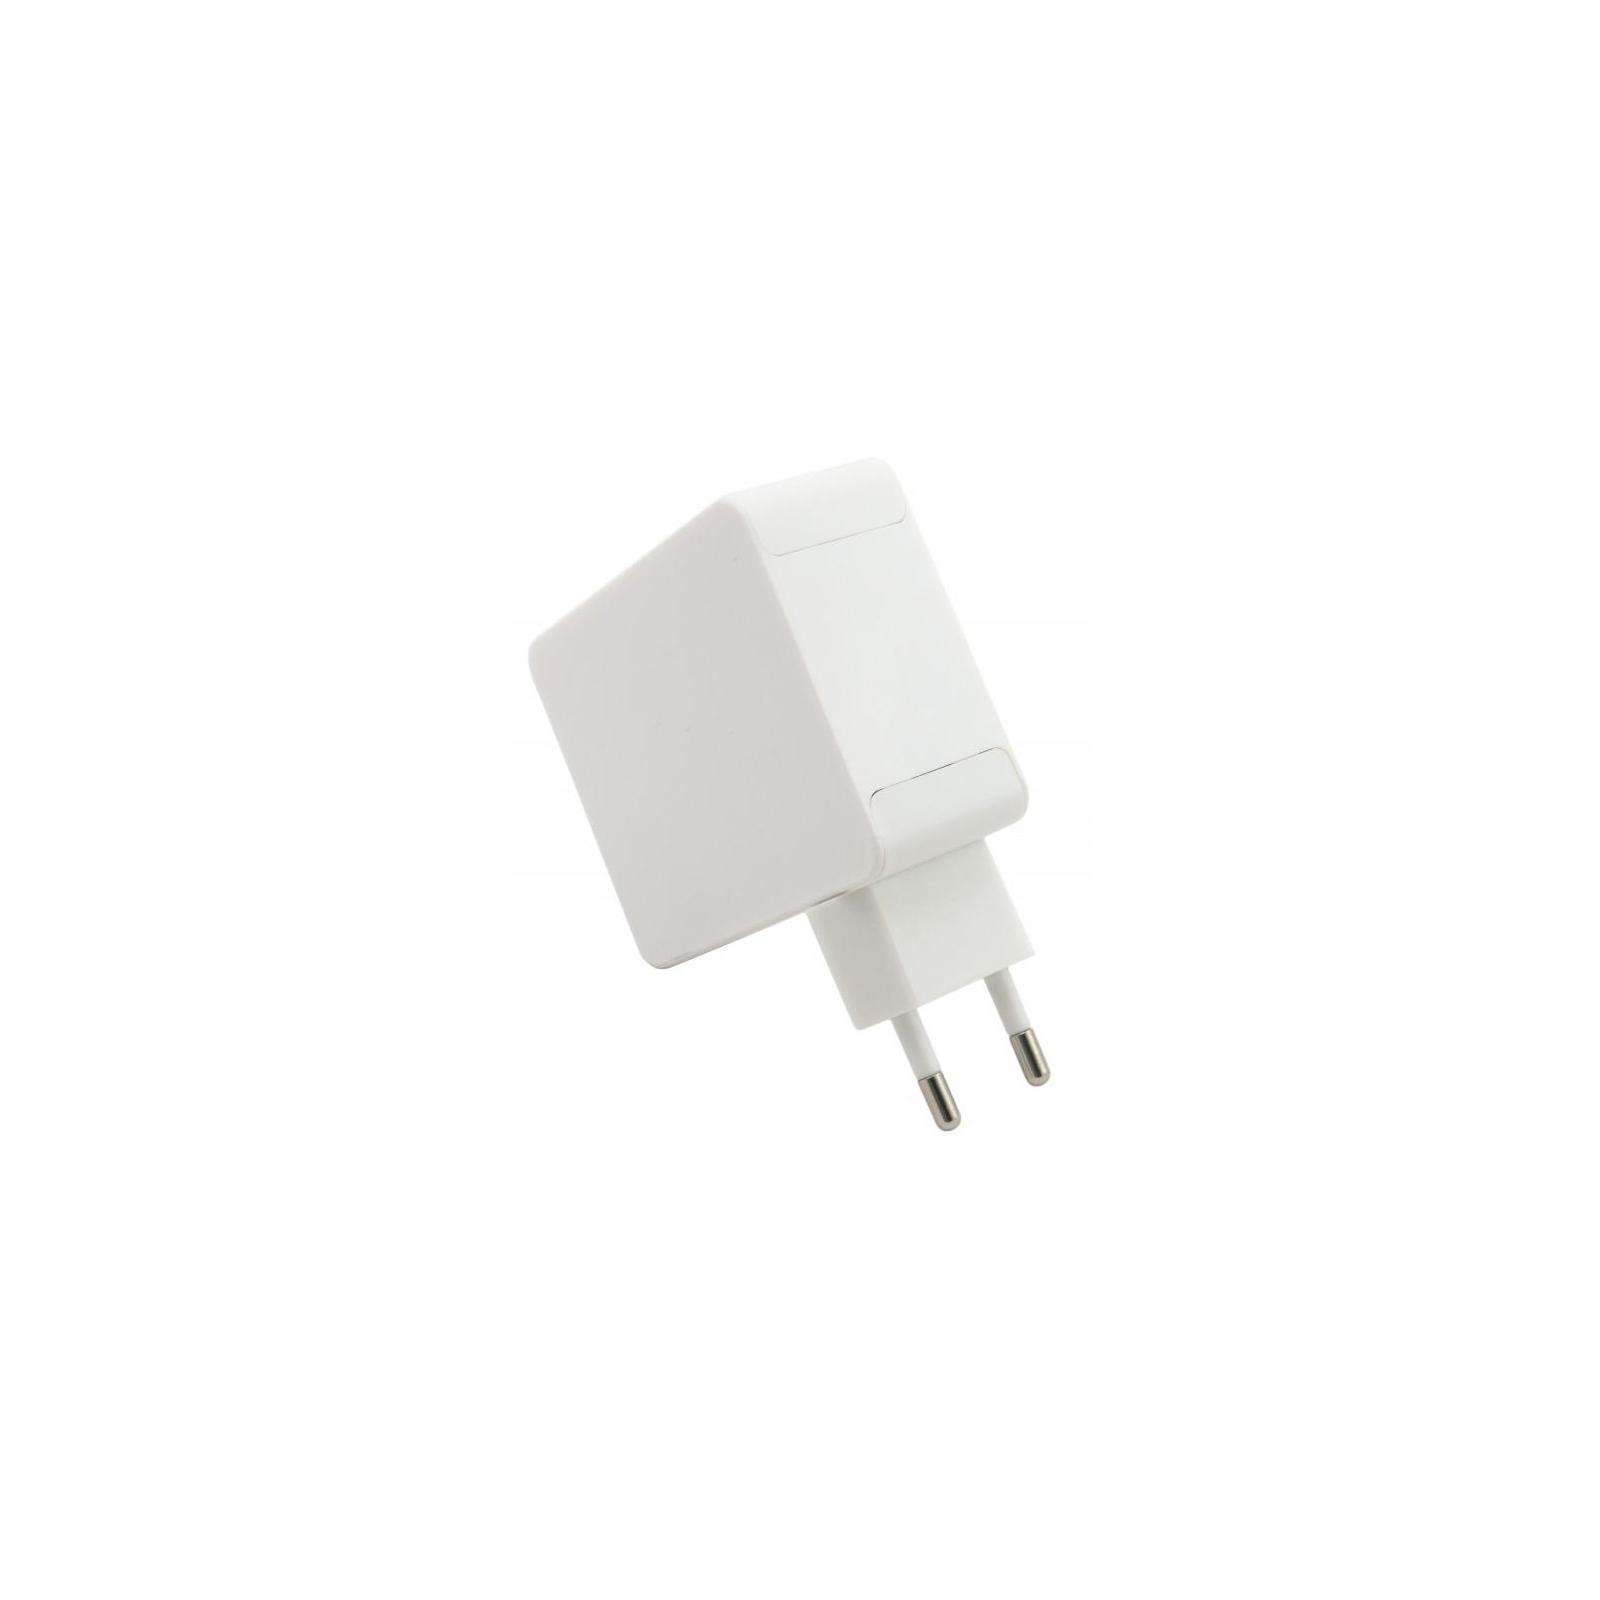 Зарядное устройство Extradigital IQ Charger ED-4U20IC 4*USB, 4A (CUE1527) изображение 5